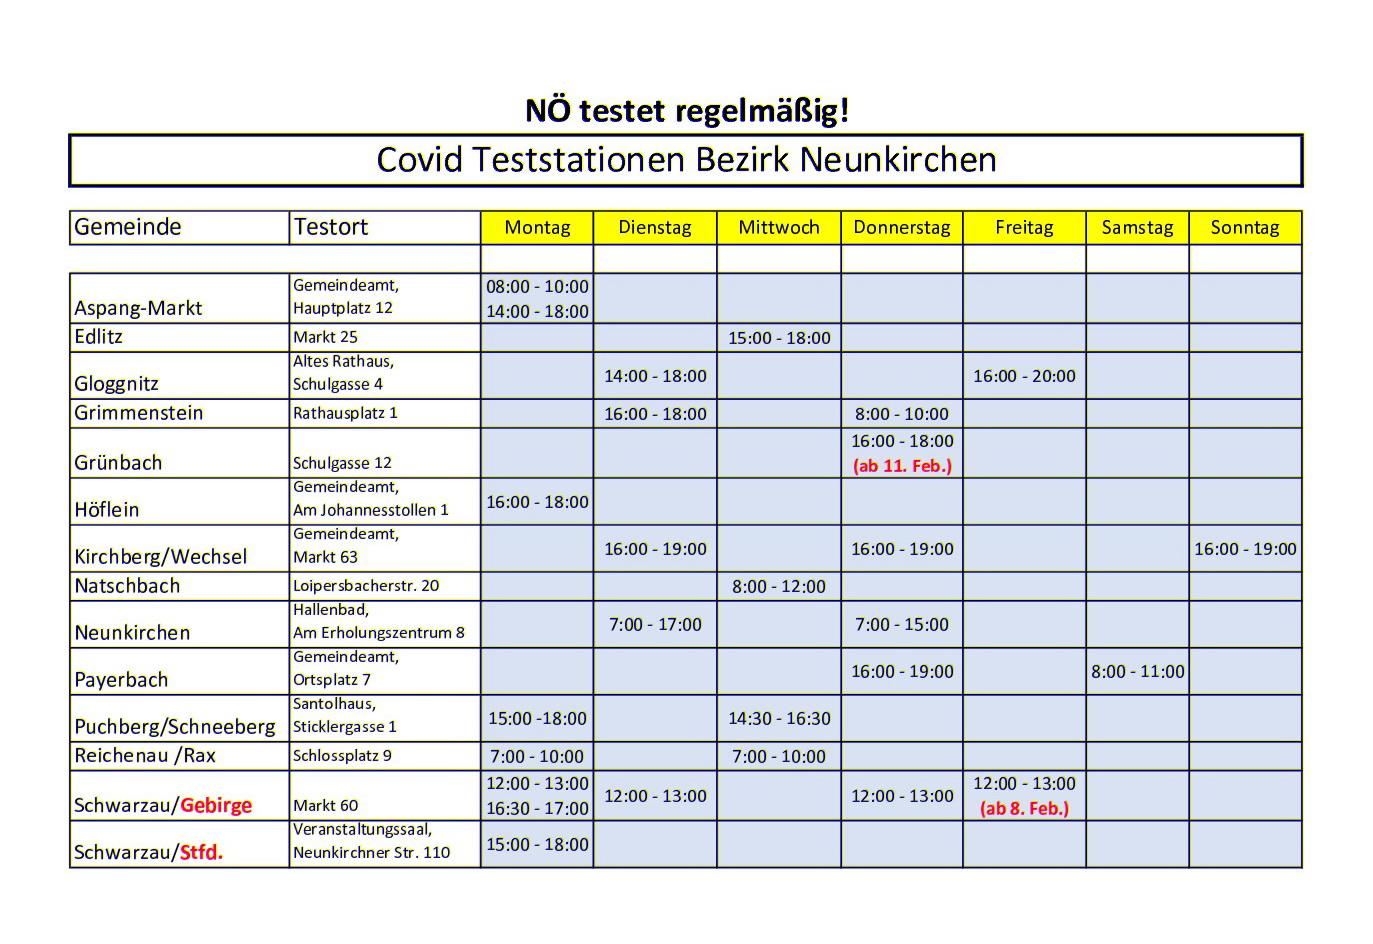 Gemeindeteststraenstrae im Bezirk Neunkirchen u WN Kasematten 52 S1